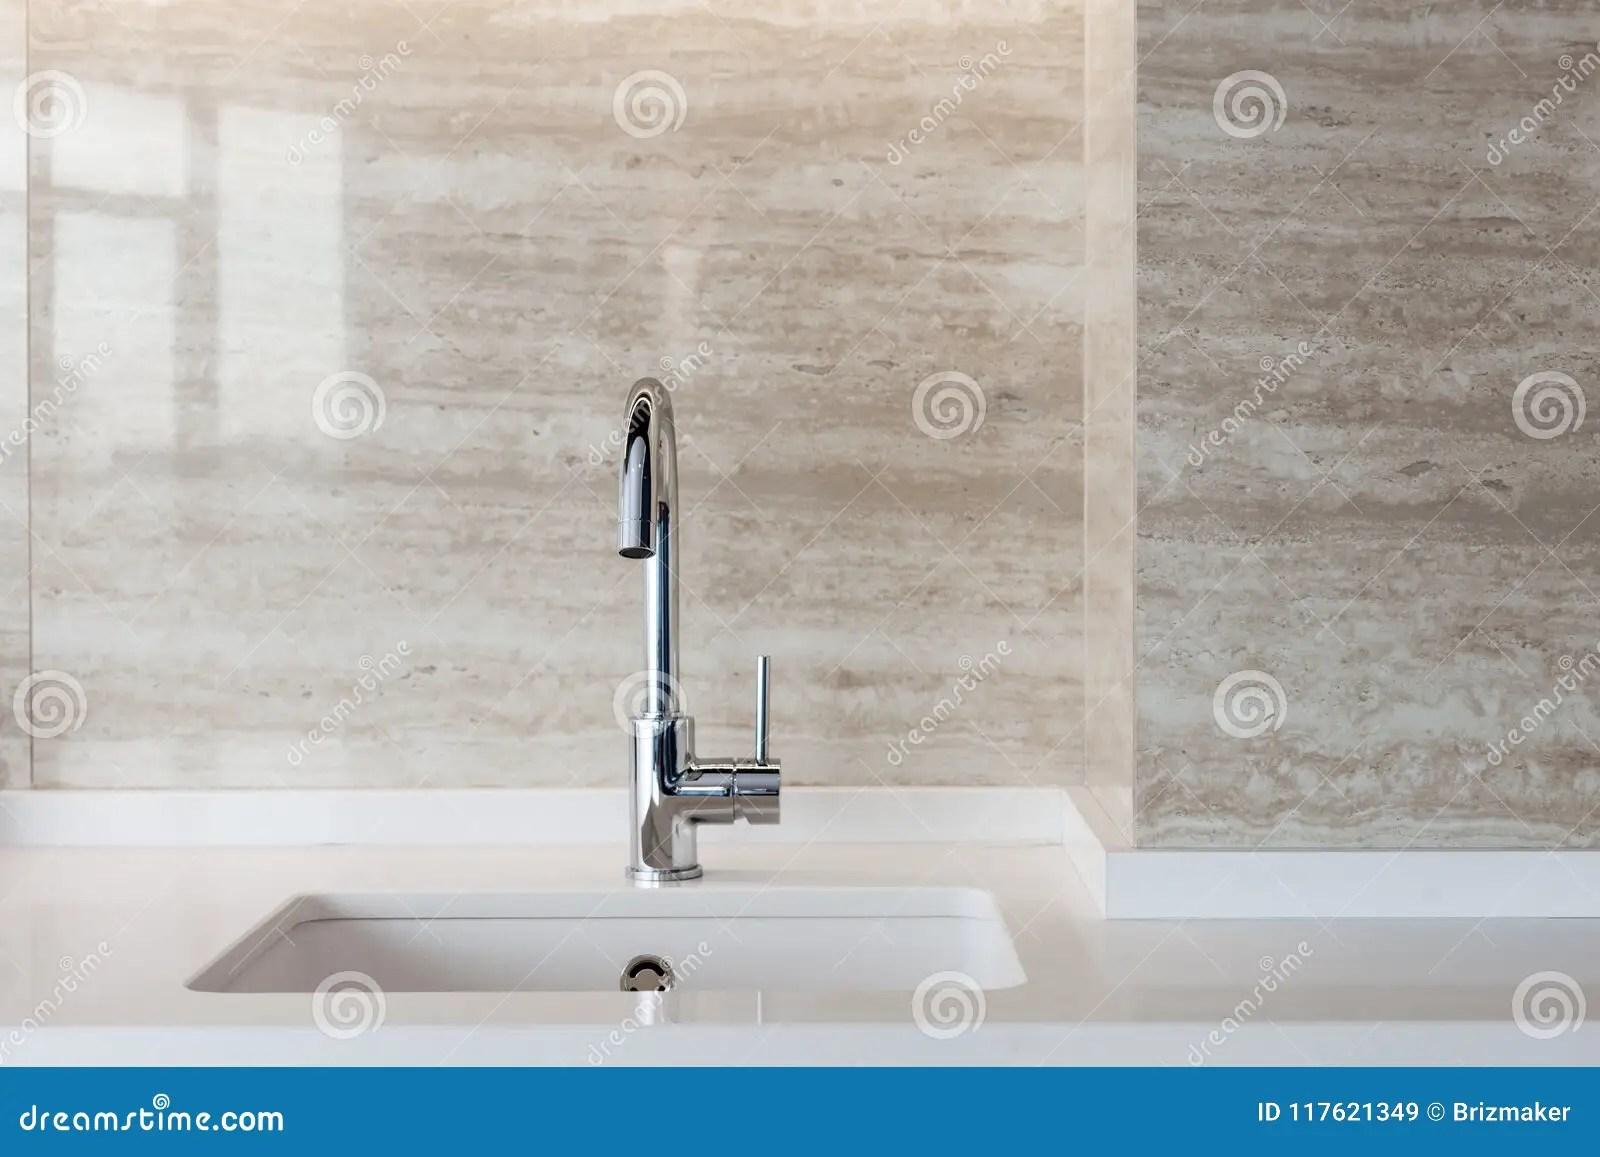 kitchen sink white pendant lighting island 一个白色长方形设计师厨房水槽的细节与镀铬物水龙头的对铺磁砖的墙壁库存 一个白色长方形设计师厨房水槽的细节与镀铬物水龙头的对铺